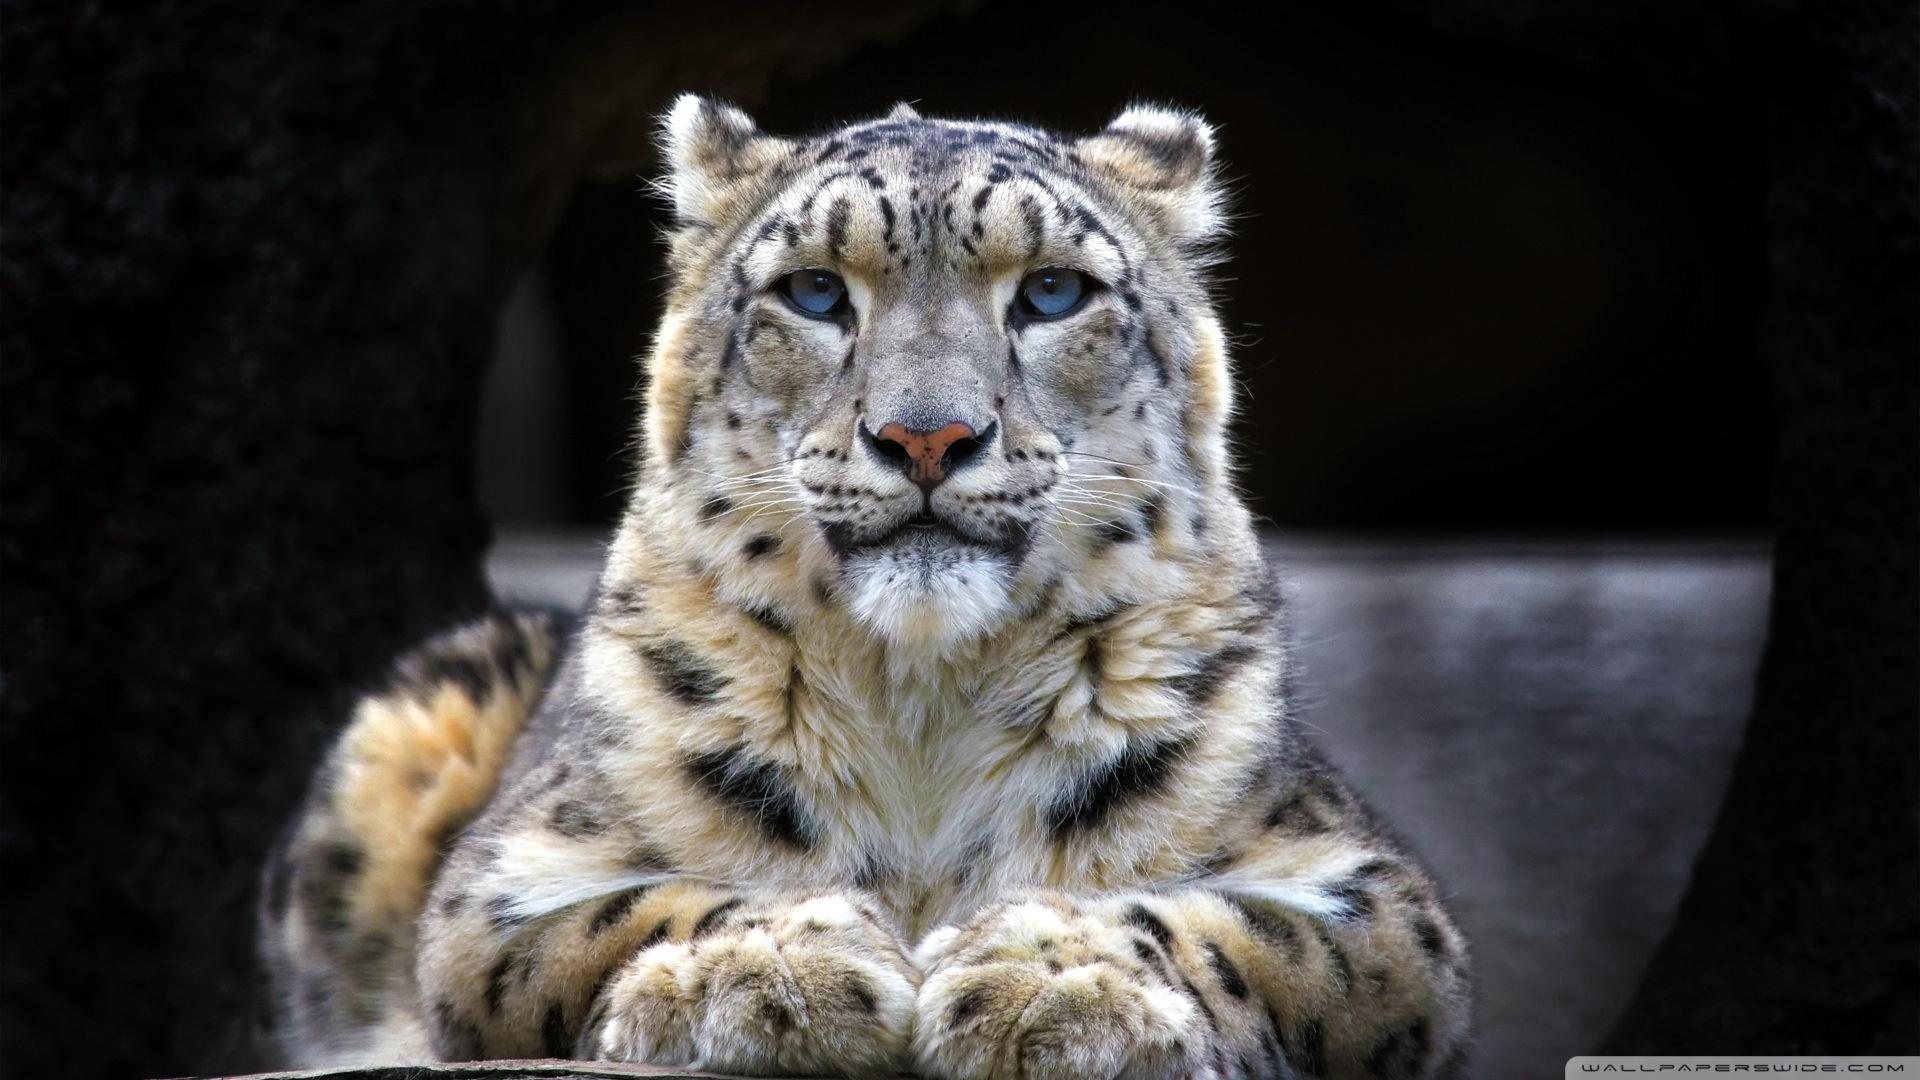 Snow Leopard Sitting On A Rock Wallpaper 1920x1080 Snow Leopard 1920x1080